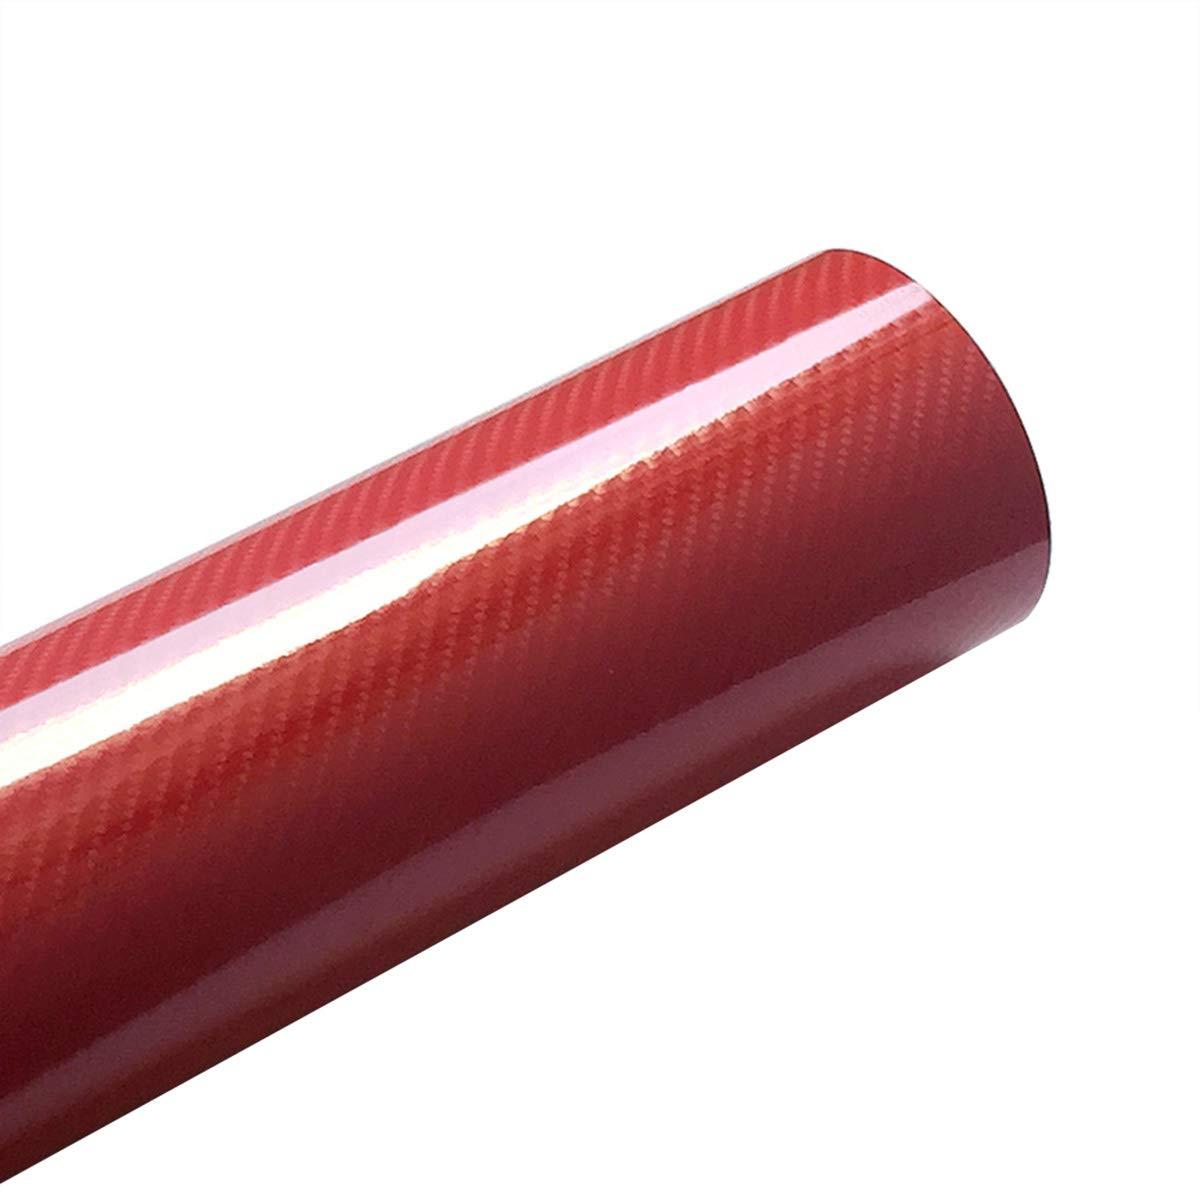 LKXHarleya 30x100cm 5D Alta Lucido in Fibra di Carbonio Pellicola Avvolgente in Vinile con Bolla dAria Libera per La Decorazione Interna dellautomobile Rosso